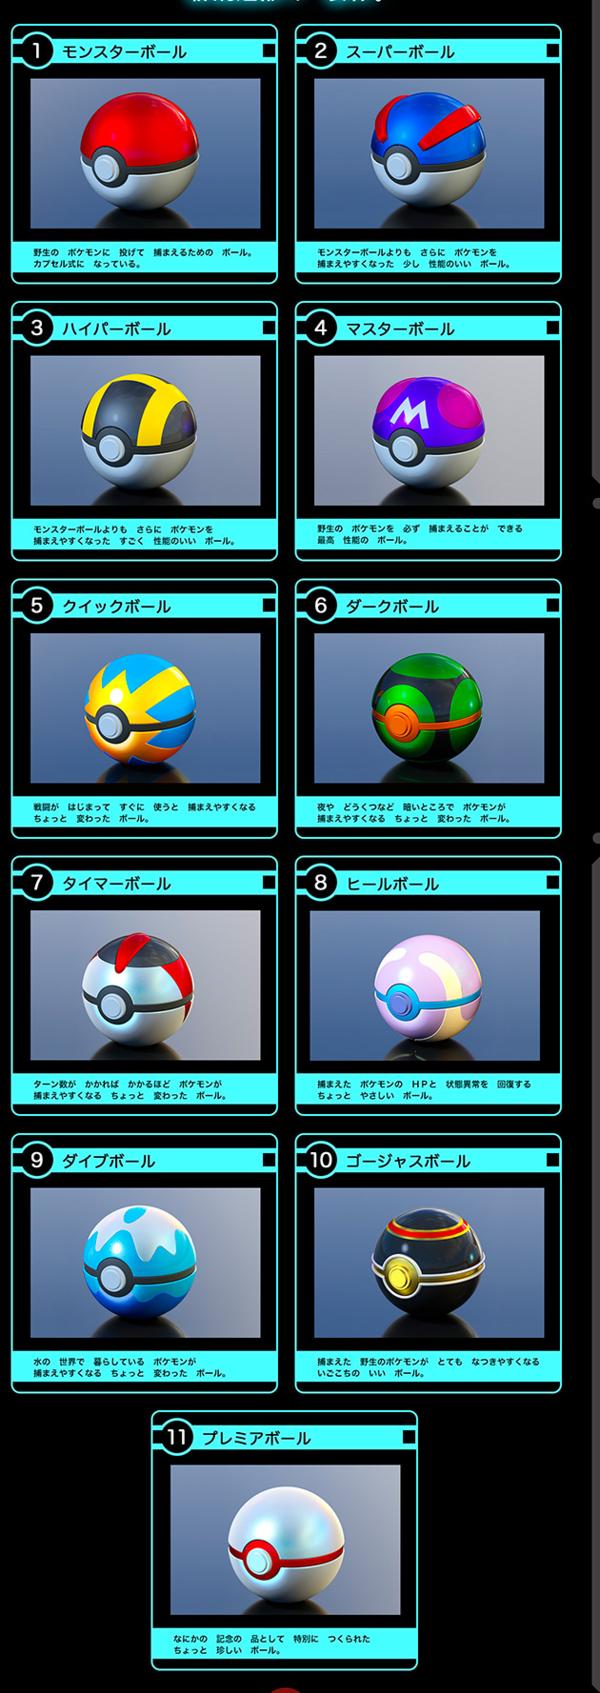 寶可夢精靈球食玩 - 癮科技